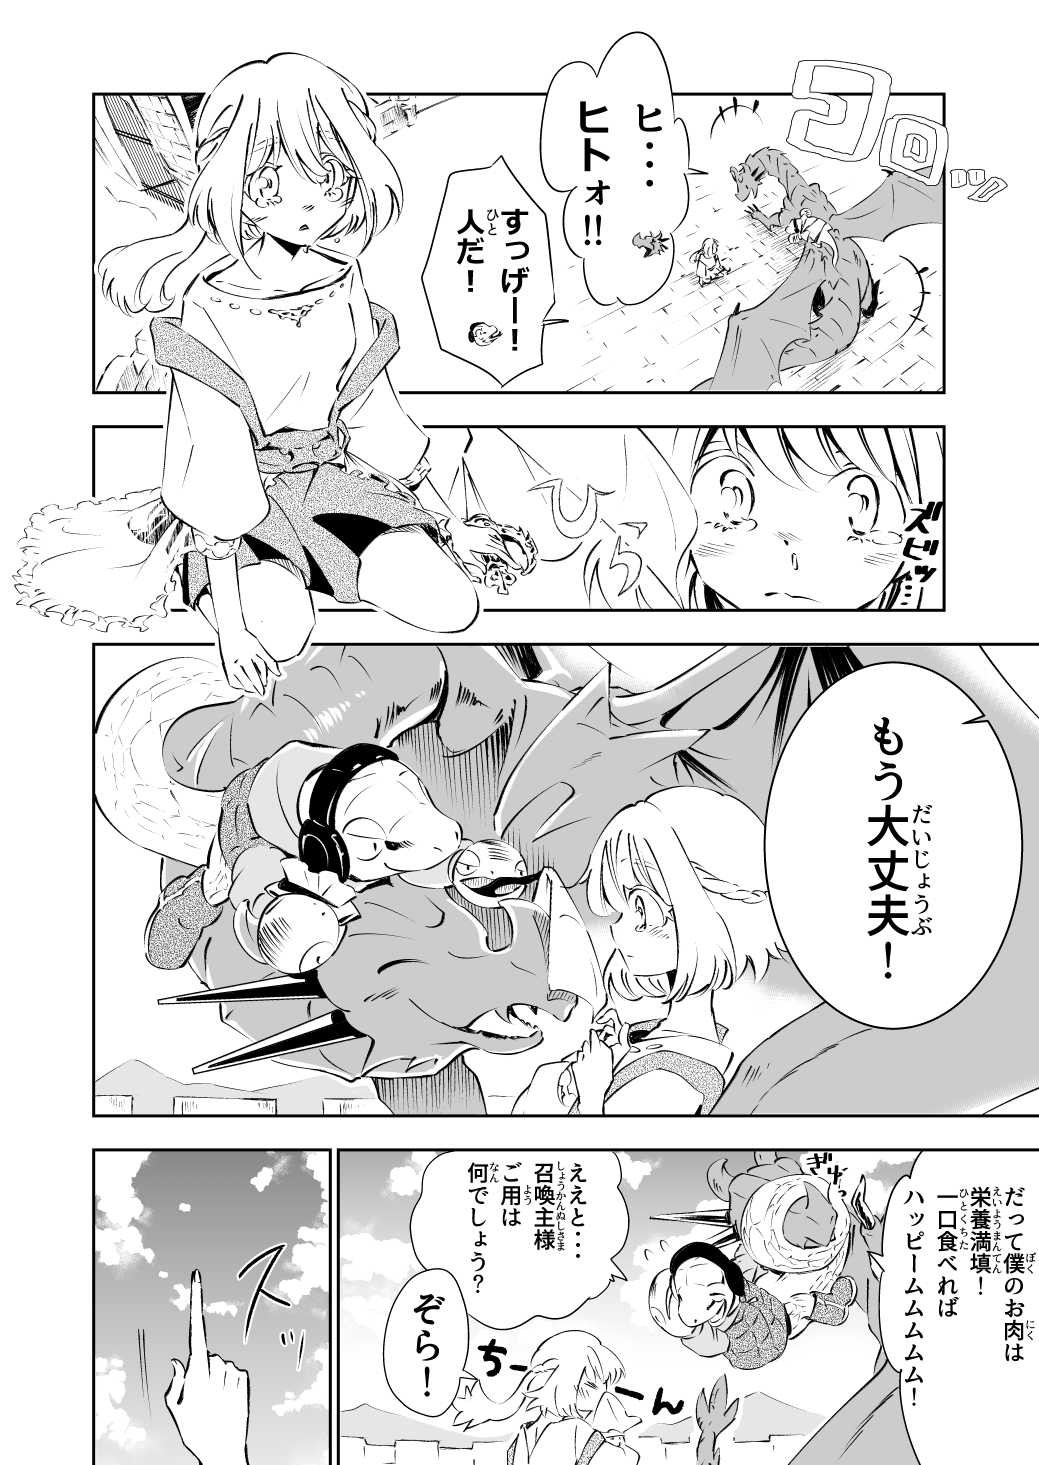 インターン召喚獣_011.jpg